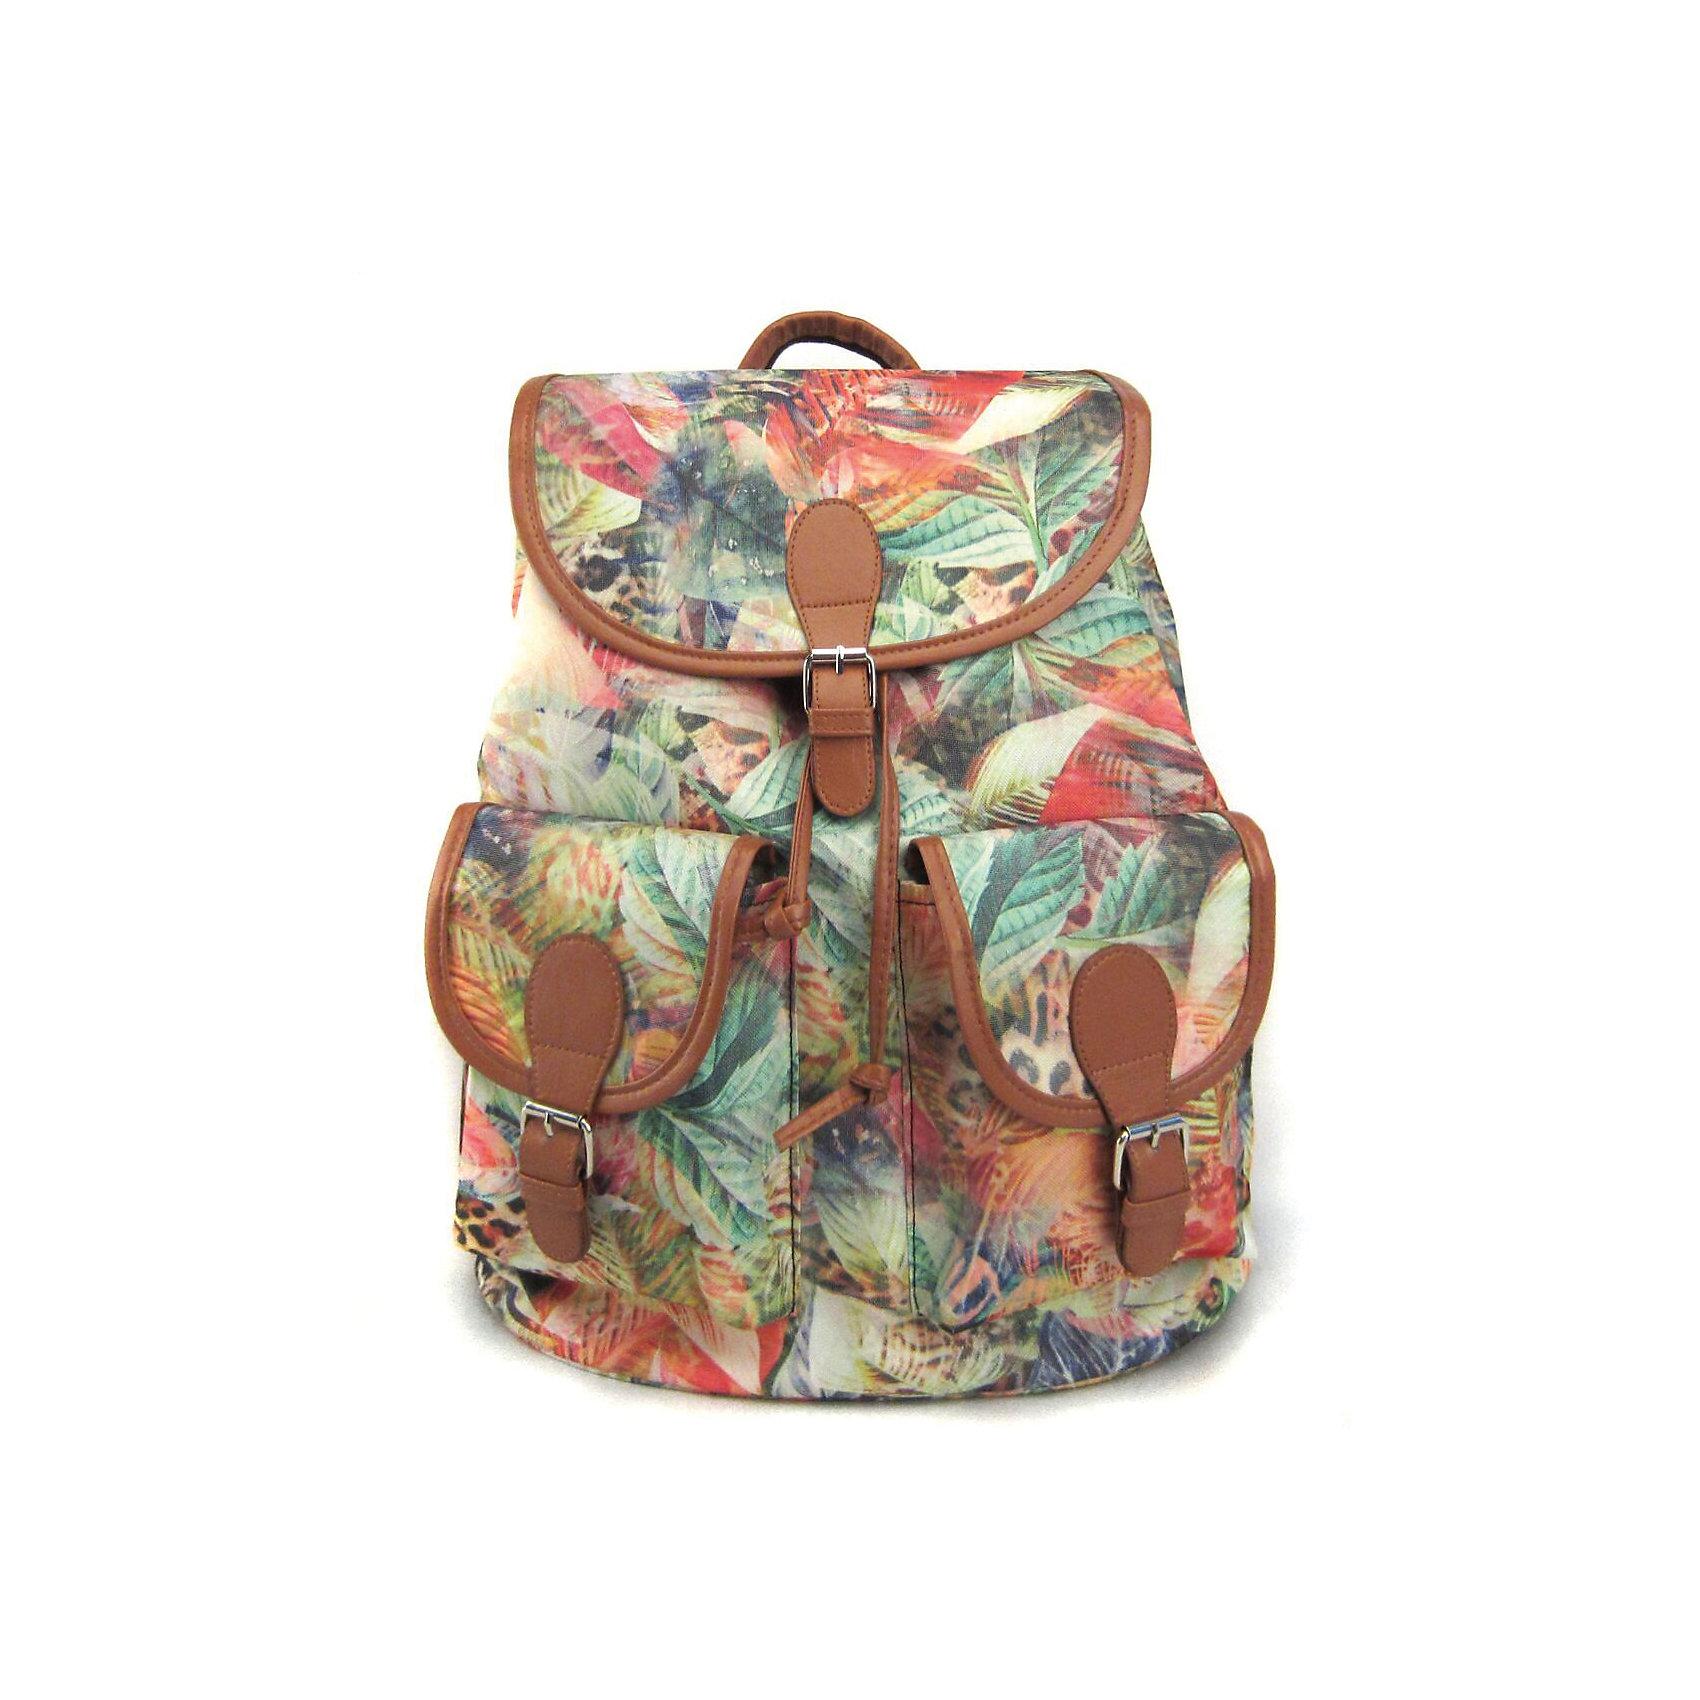 Рюкзак Флора лета с 2-мя карманами, цвет мультиРюкзаки<br>Вес: 0,5 кг<br>Размер: 39х35х17 см<br>Состав: рюкзак<br>Наличие светоотражающих элементов: нет<br>Материал: полиэстер<br><br>Ширина мм: 390<br>Глубина мм: 350<br>Высота мм: 170<br>Вес г: 500<br>Возраст от месяцев: 84<br>Возраст до месяцев: 720<br>Пол: Унисекс<br>Возраст: Детский<br>SKU: 7054042